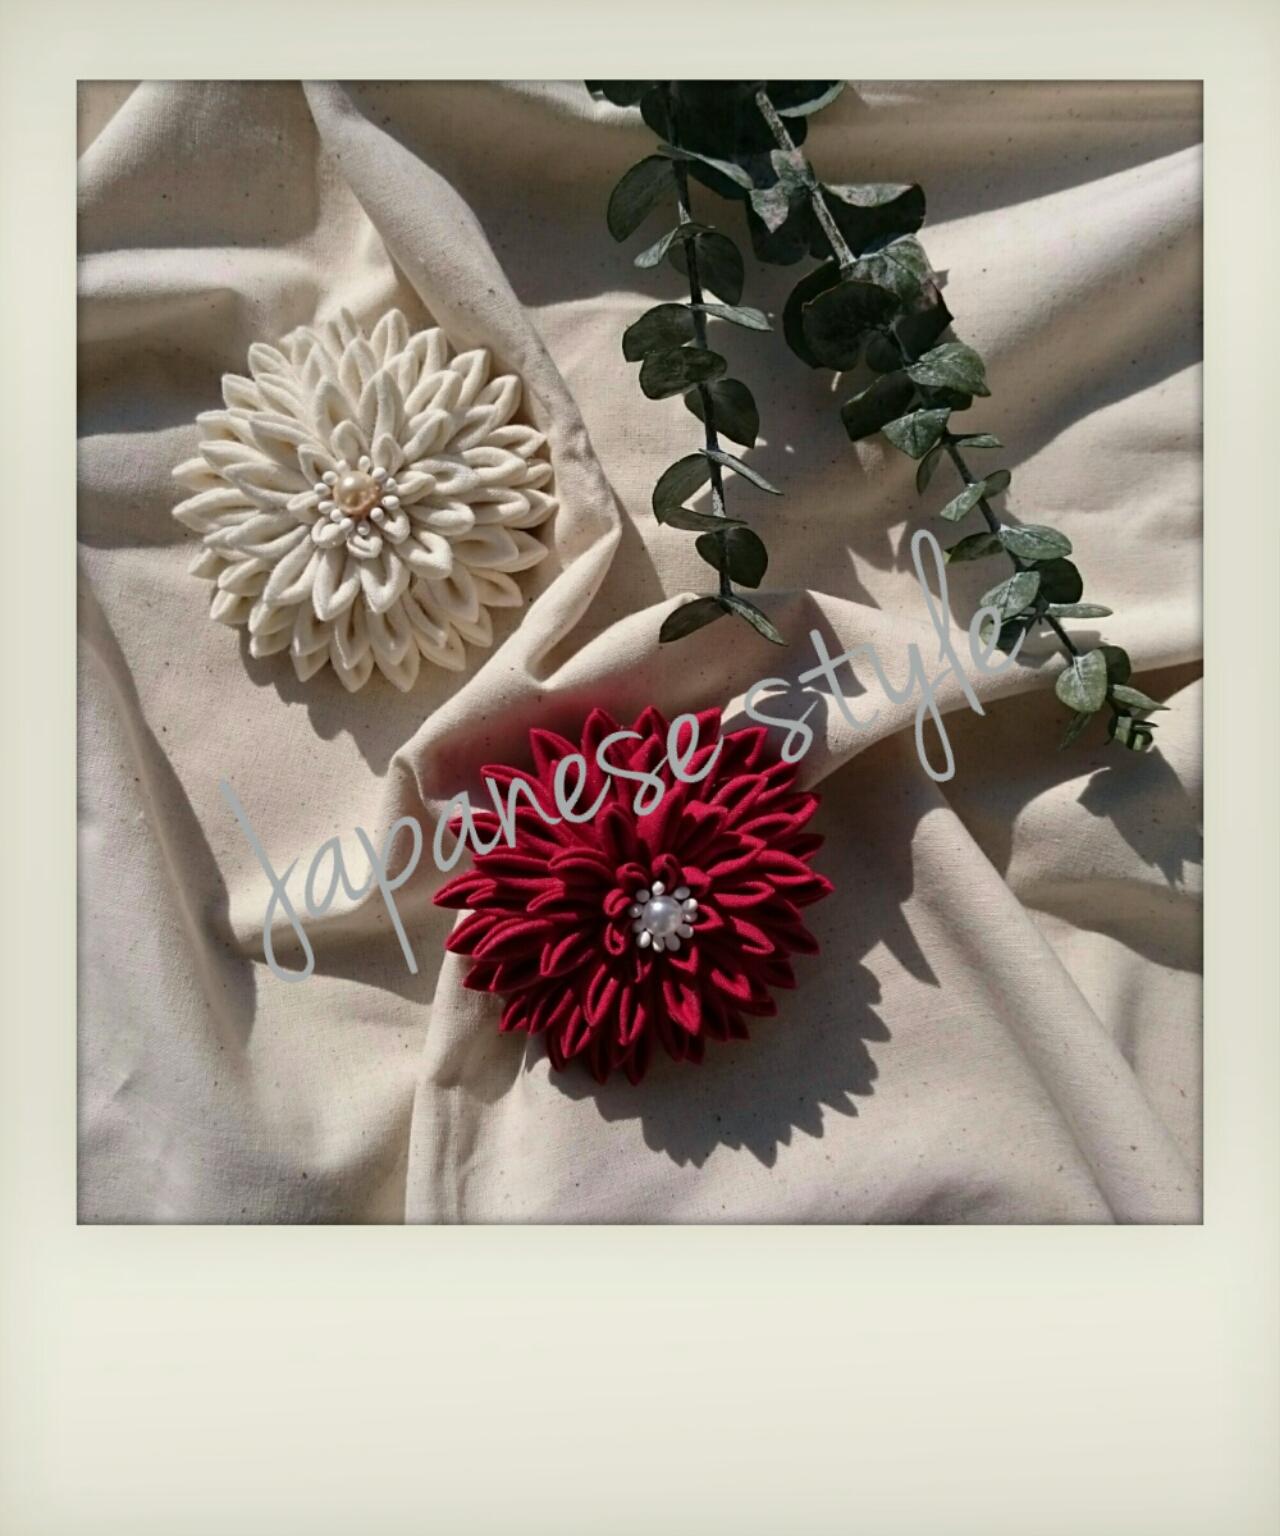 flower item & accessory  cocorita